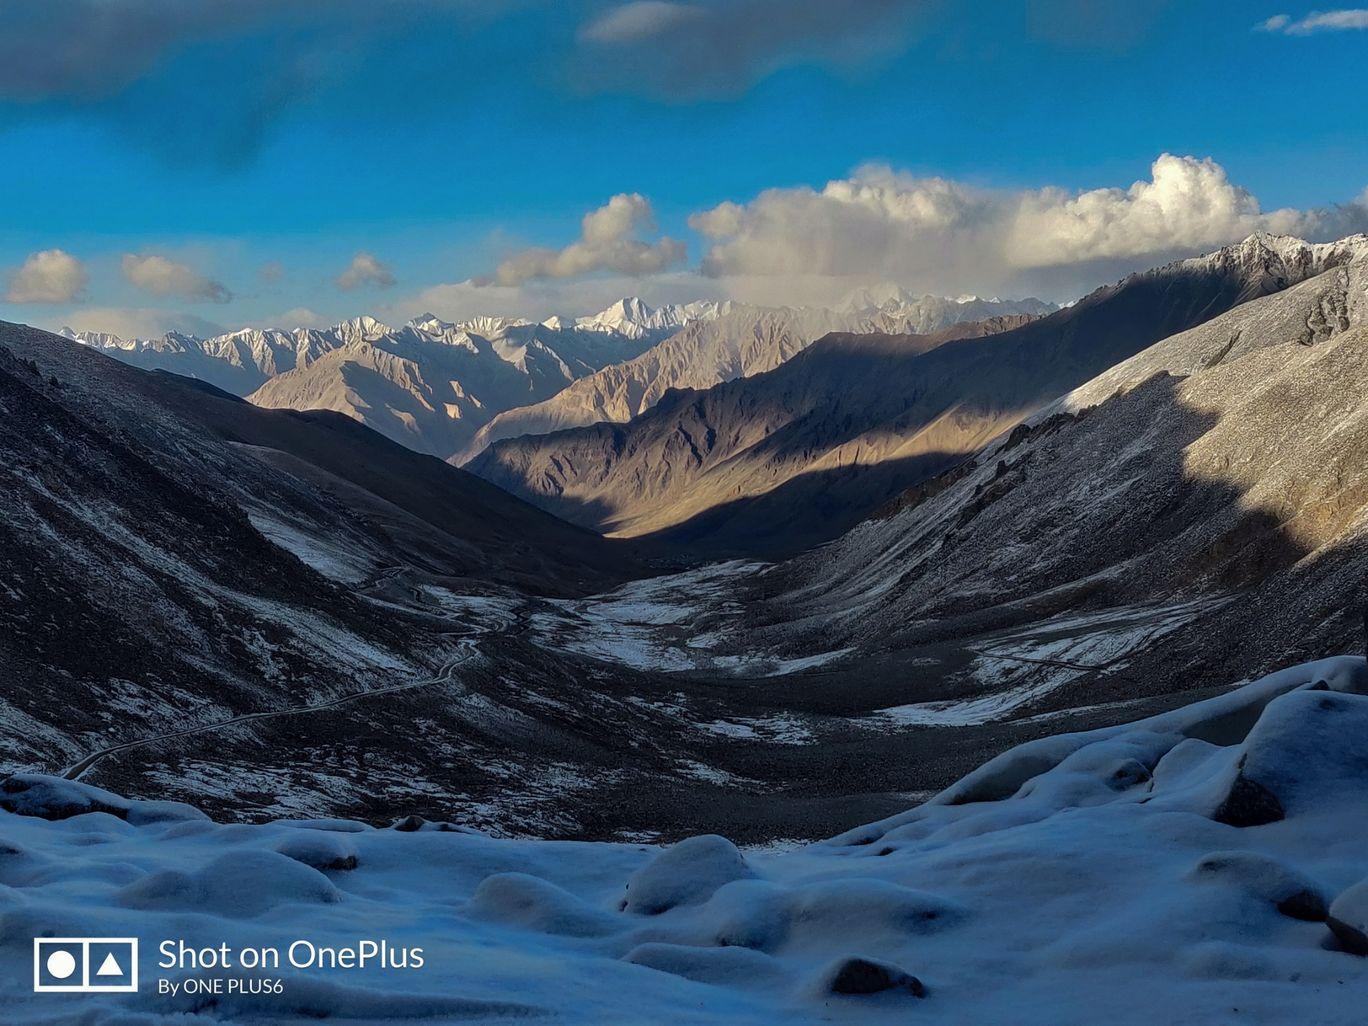 Photo of Khardung La By Rohit Bhadani